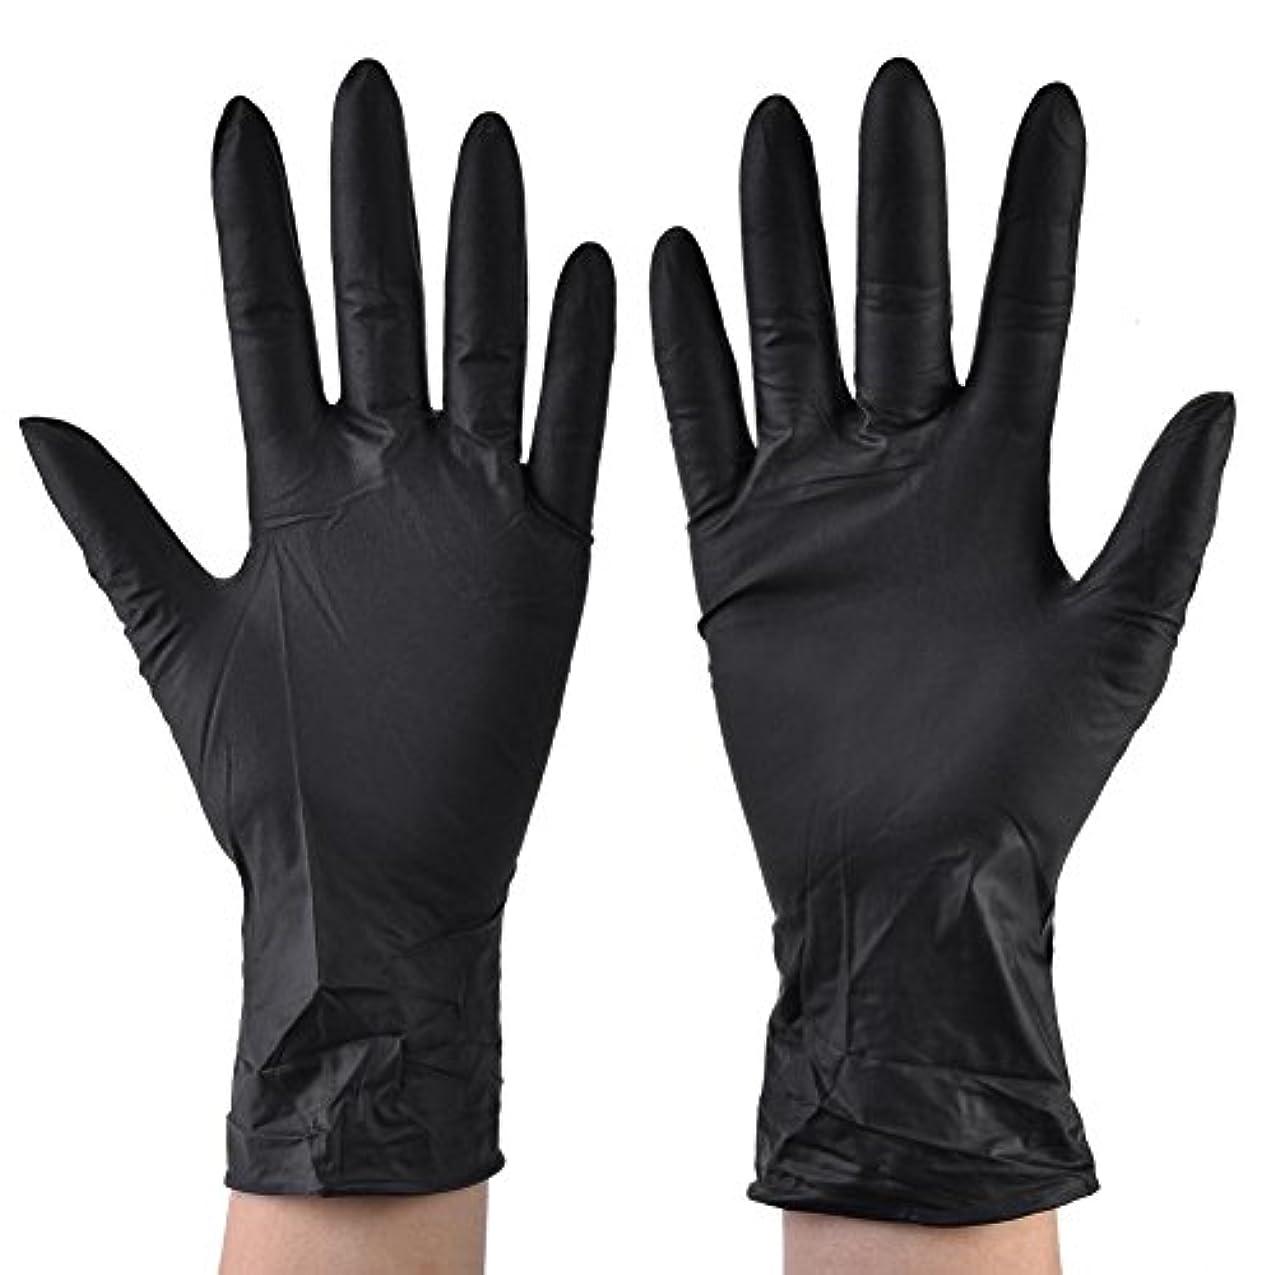 悪意のある経済的カヌー使い捨て手袋 ニトリルグローブ ホワイト 粉なし 工業用/医療用/理美容用/レストラン用 M/L選択可 100枚 左右兼用 作業手袋(M)